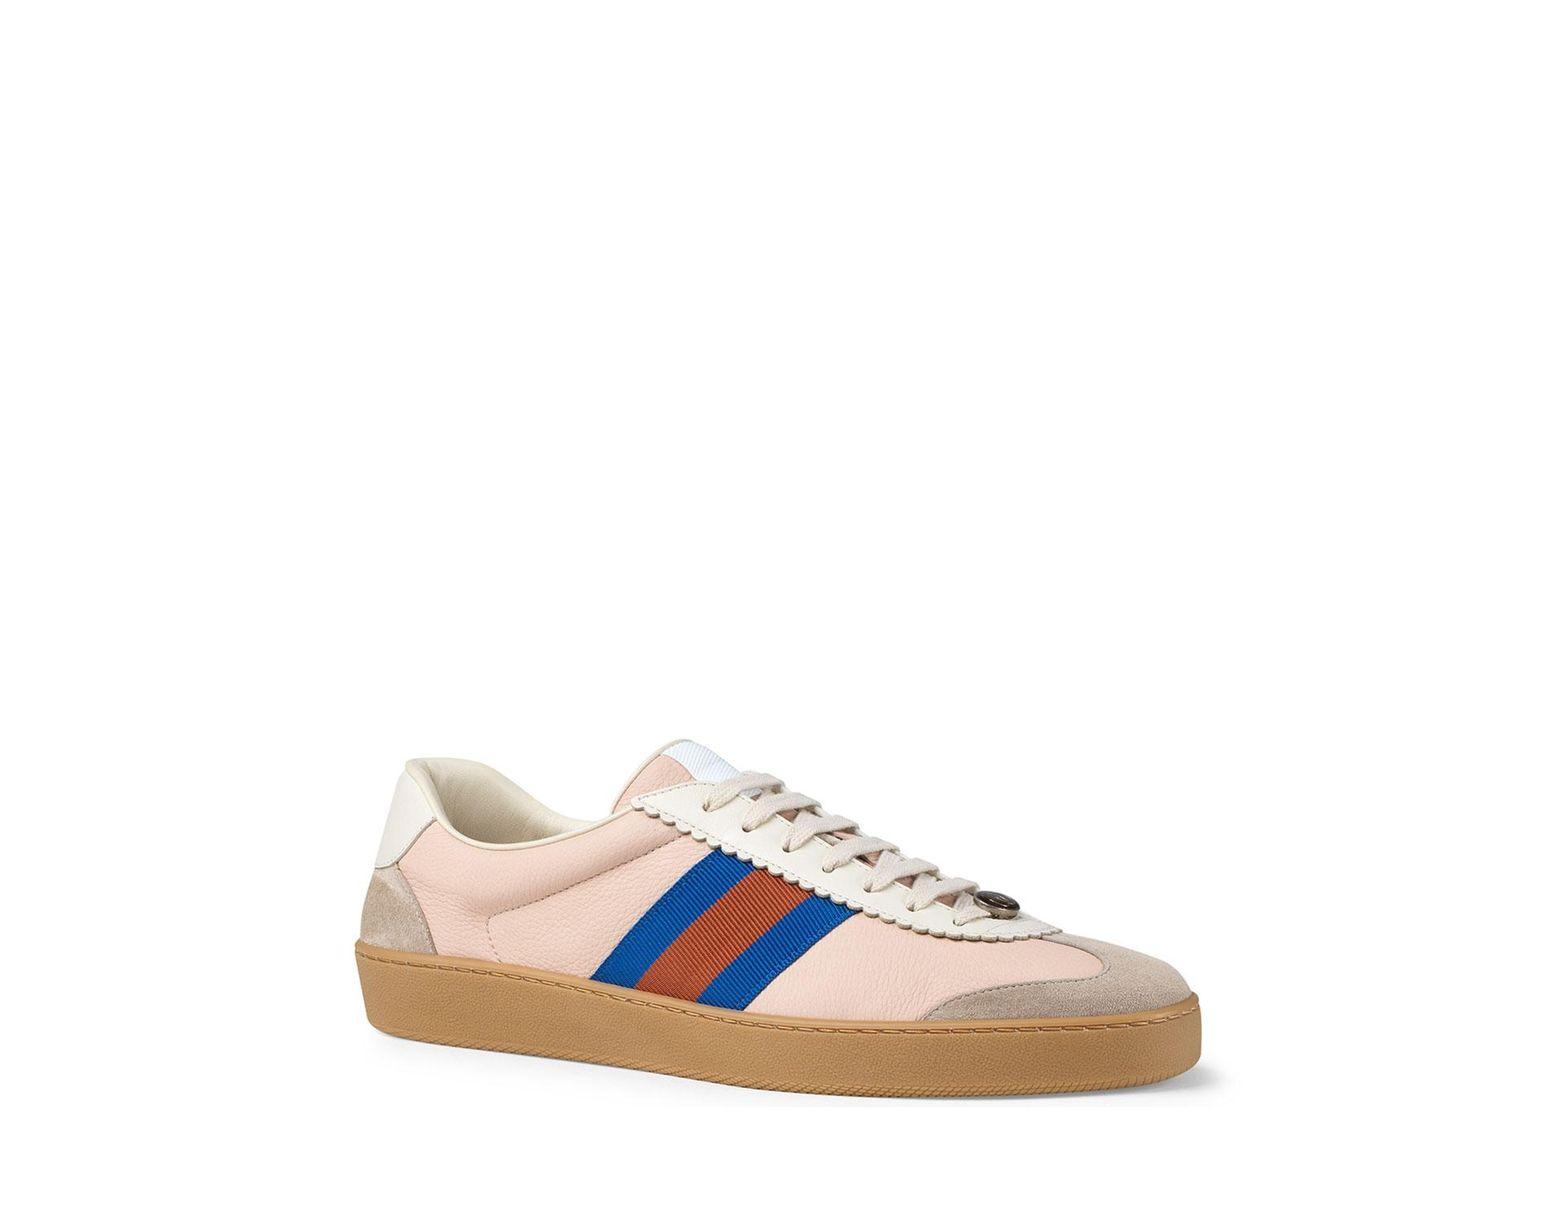 e1ed1e8881a Lyst - Gucci Jbg Retro Calf Sneaker in Pink for Men